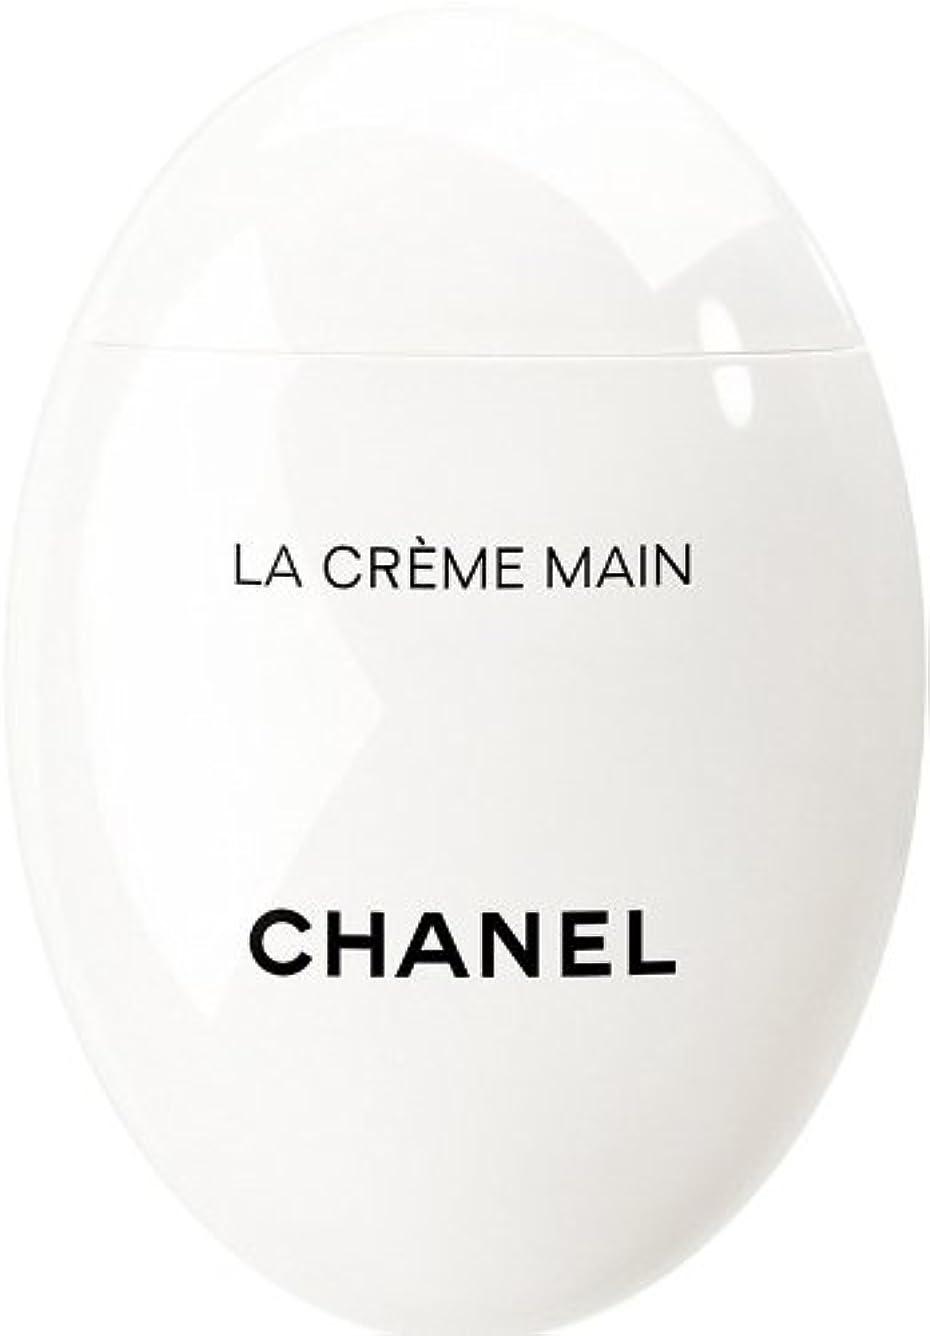 検索エンジン最適化ベットさておきCHANEL LA CRèME MAIN シャネル ラ クレーム マン ハンドクリーム 50ml